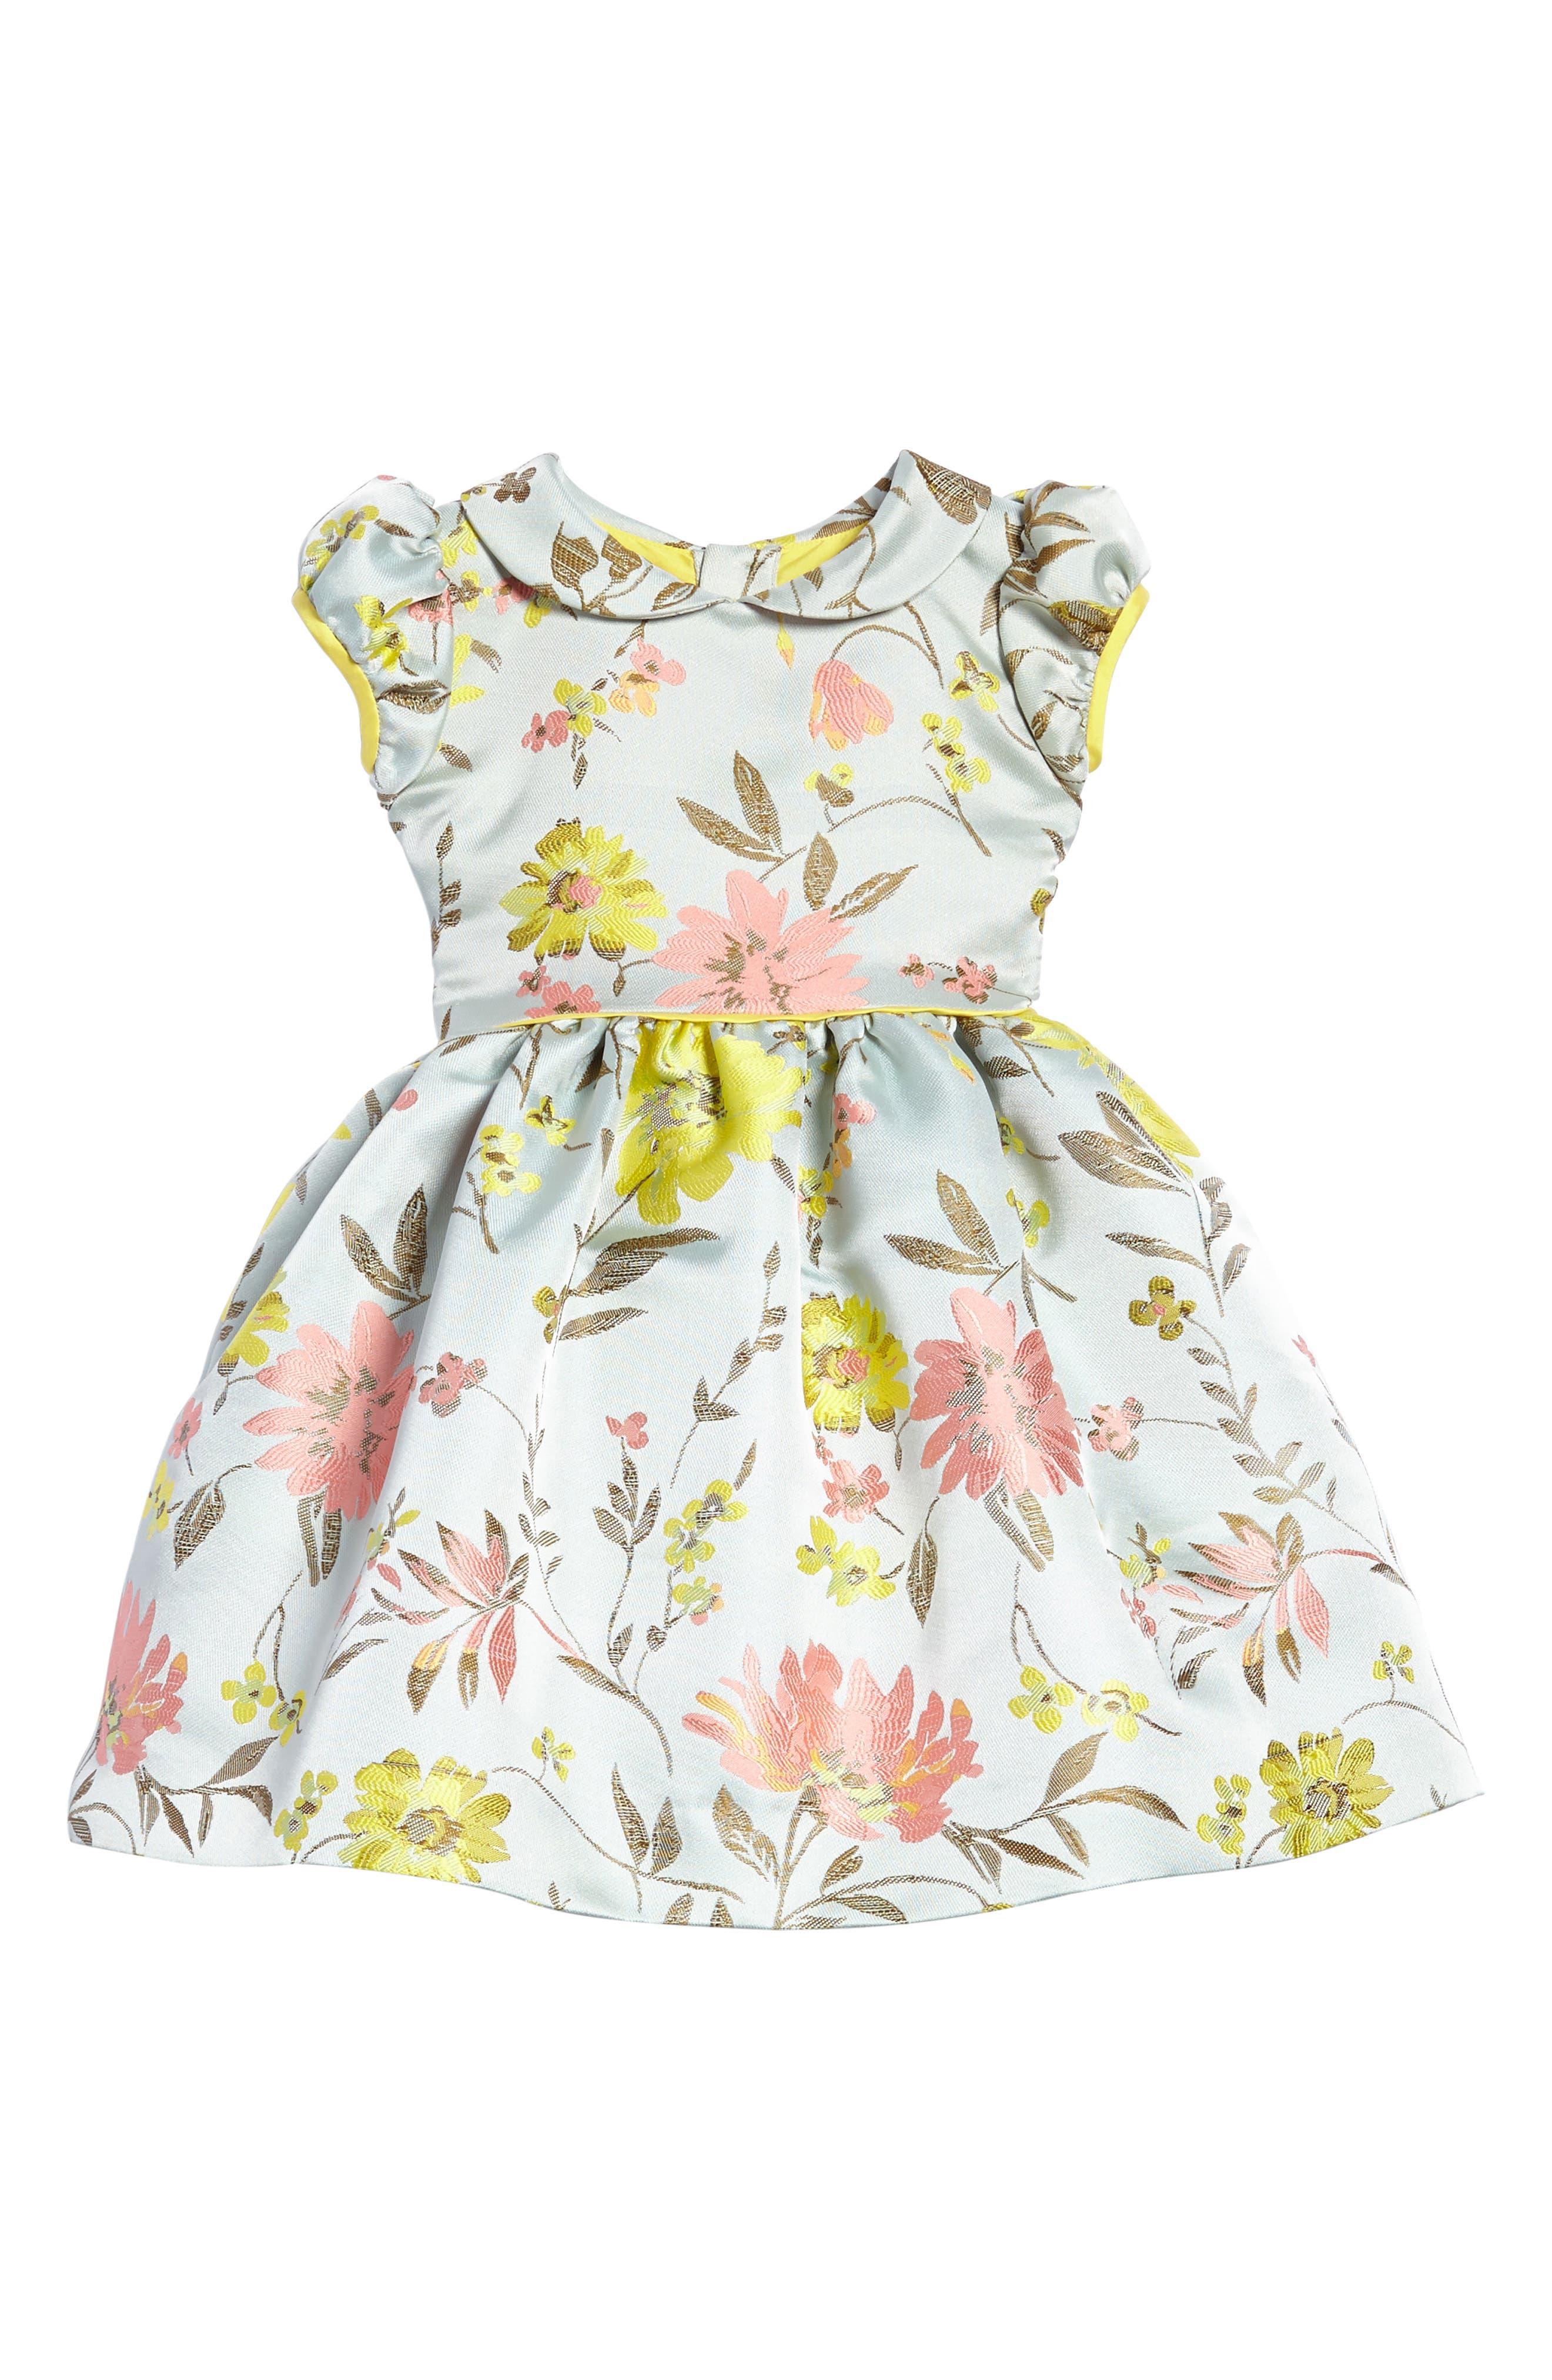 Oscar de la Renta Floral Jacquard Dress (Toddler Girls & Little Girls)